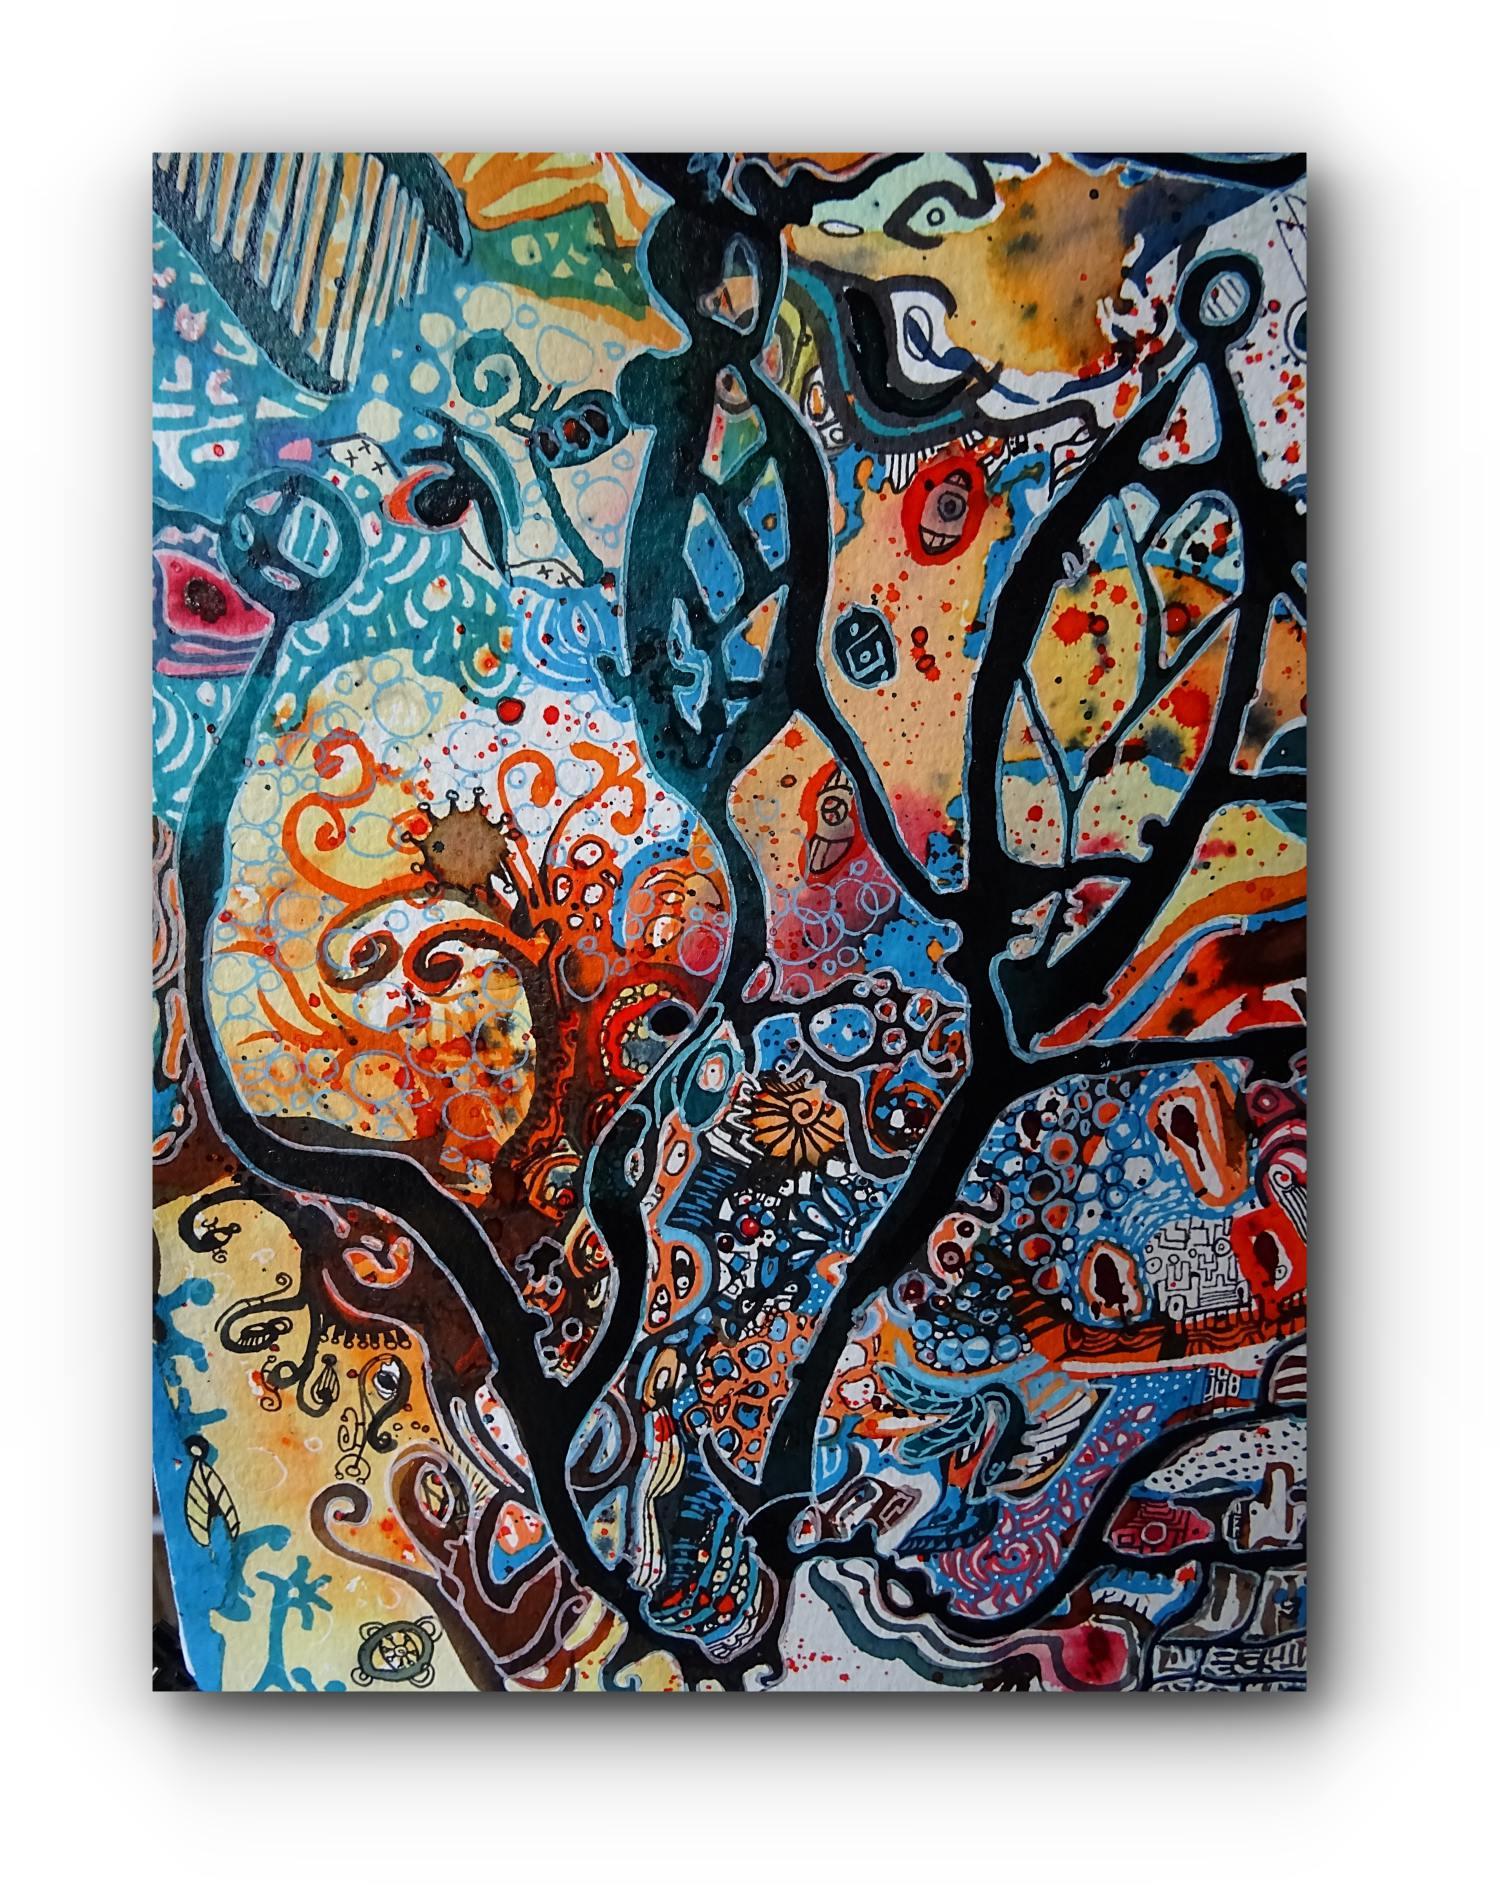 painting-detail-3-riverworld-artist-duo-ingress-vortices.jpg